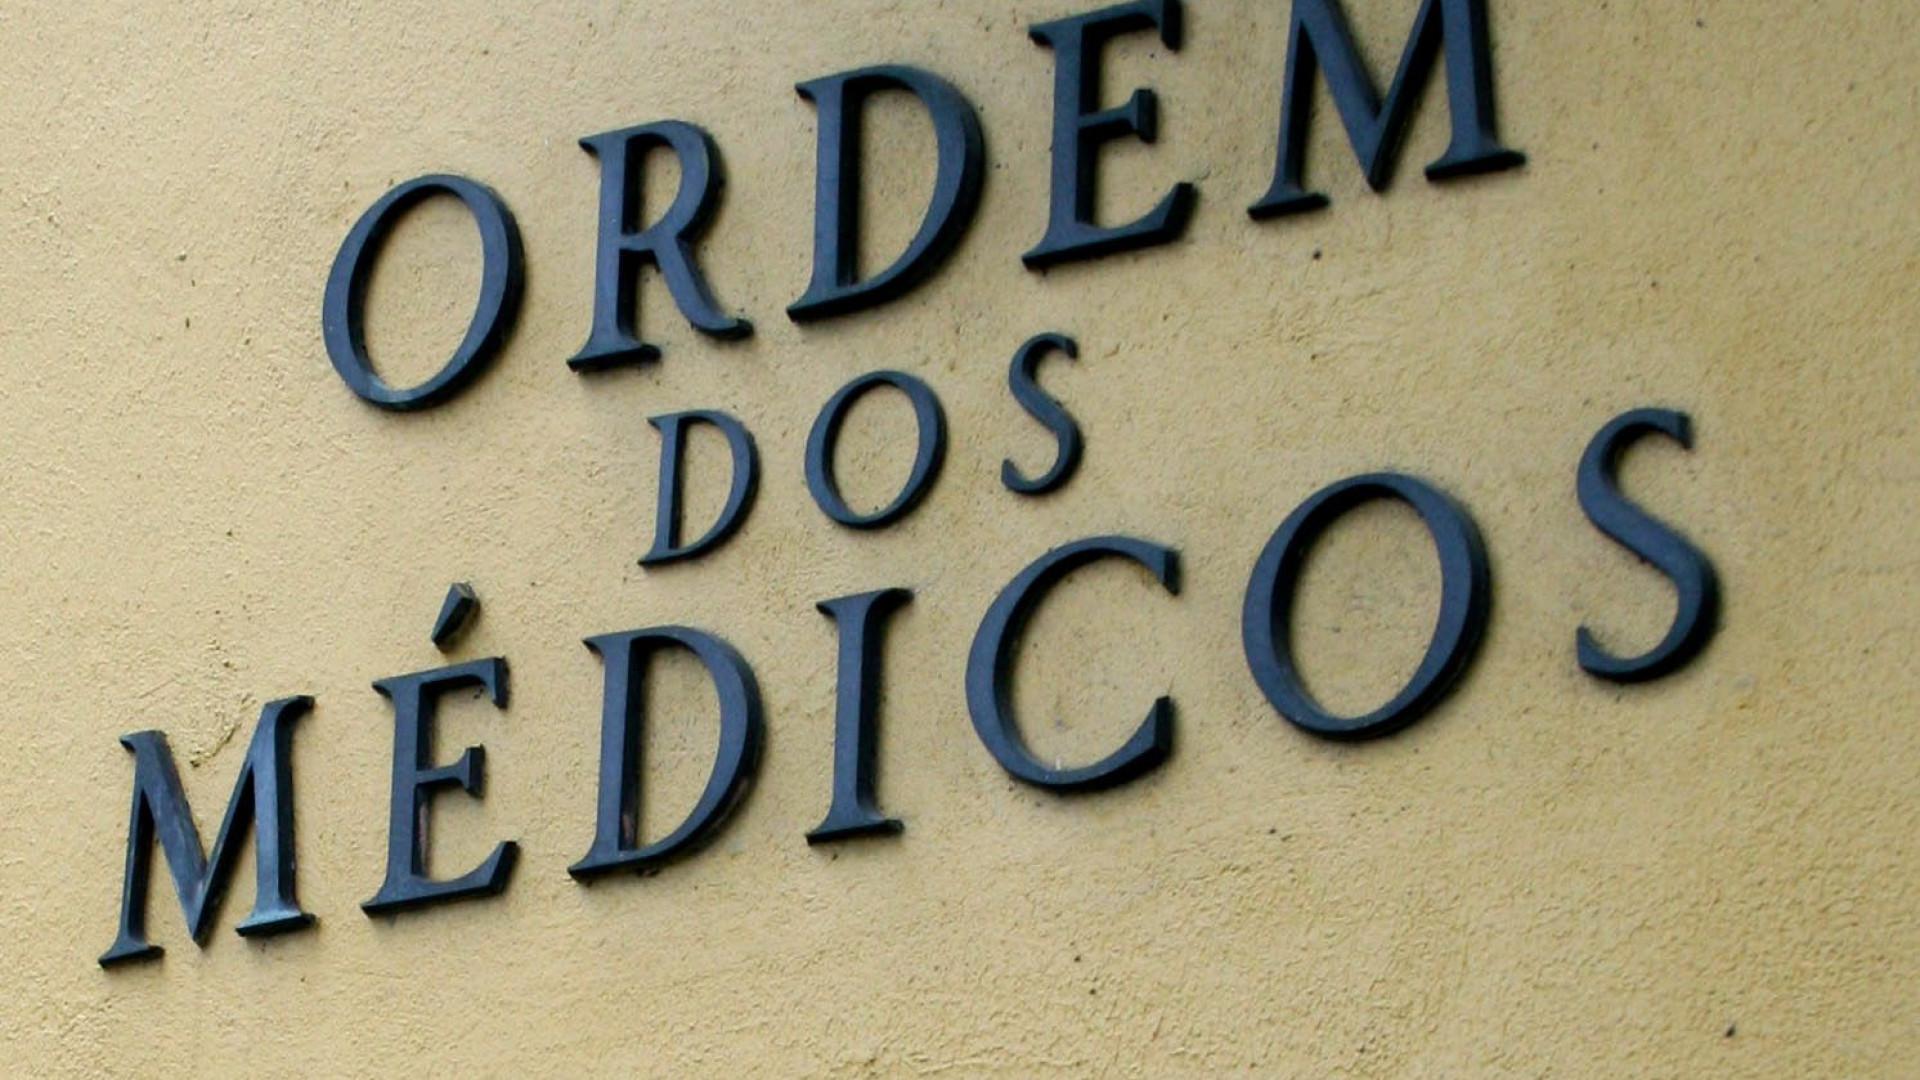 Médicos avançam para definição de tempos padrão em consultas